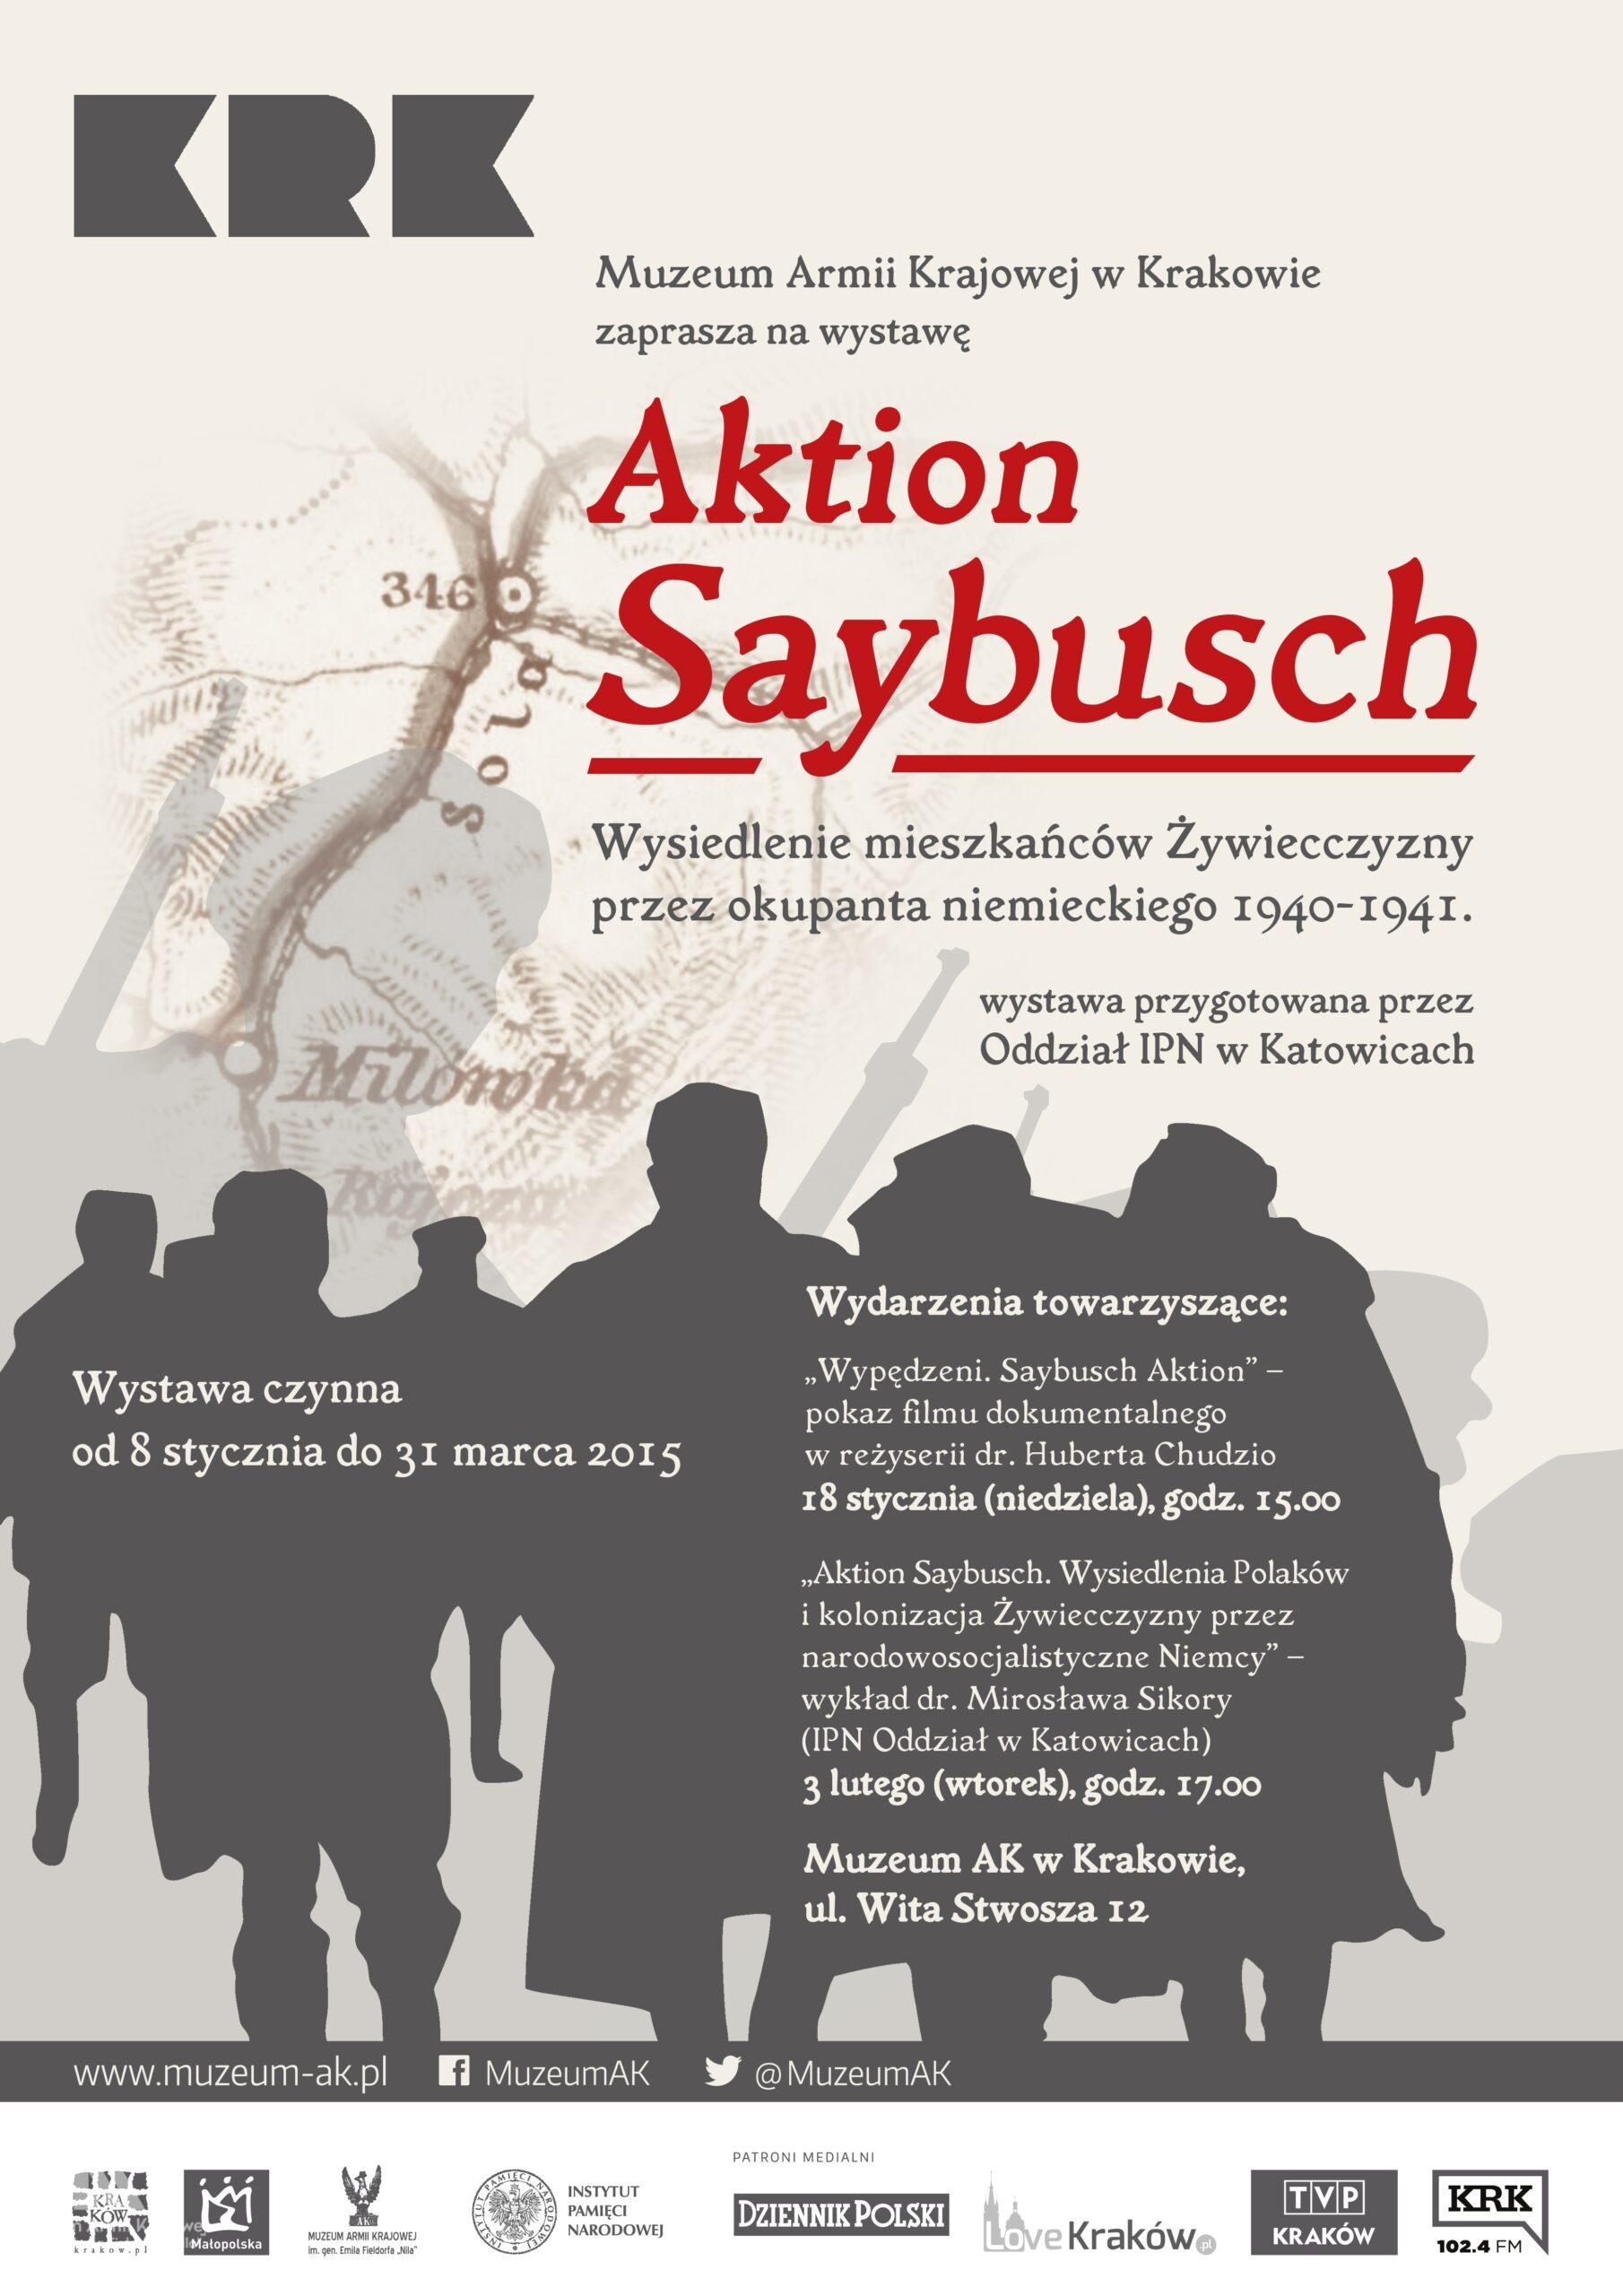 Aktion Saybusch. Wysiedlenie mieszkańców Żywiecczyzny przez okupanta niemieckiego 1940-1941